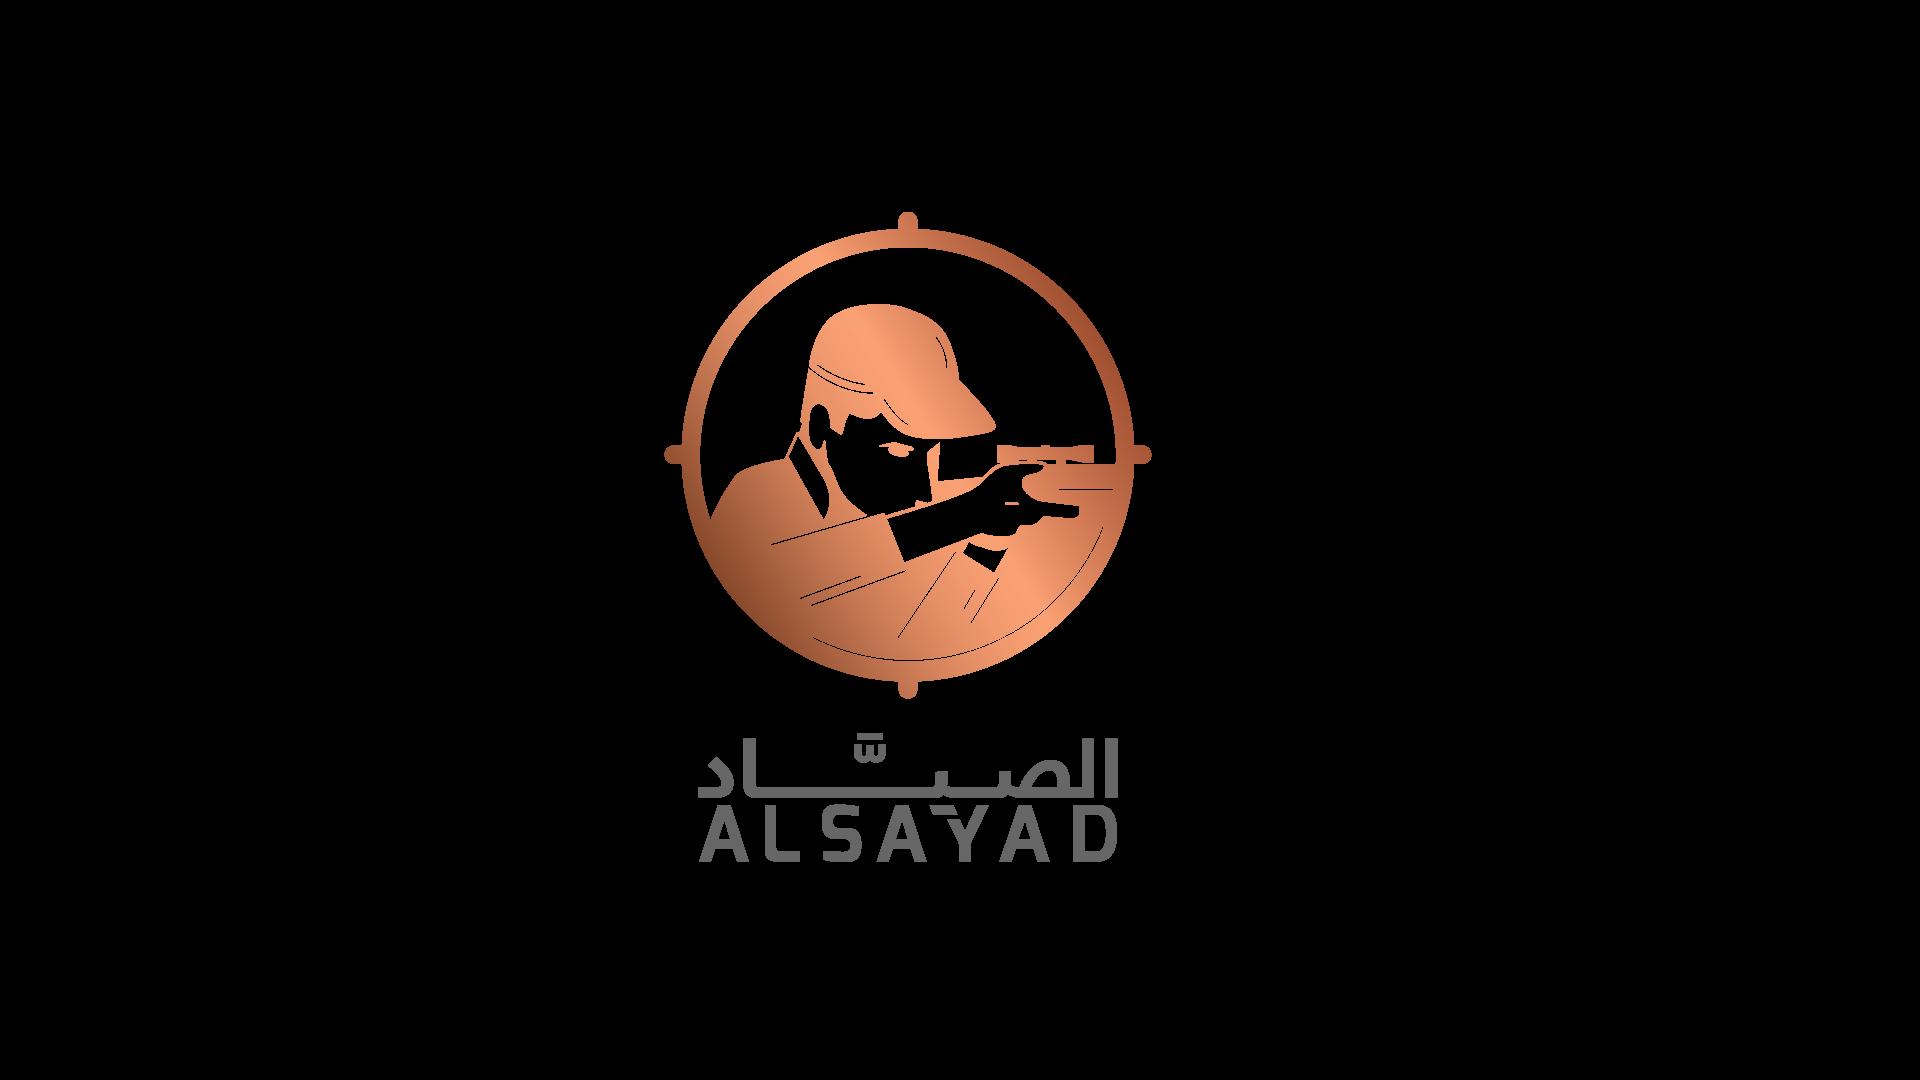 Al Sayad